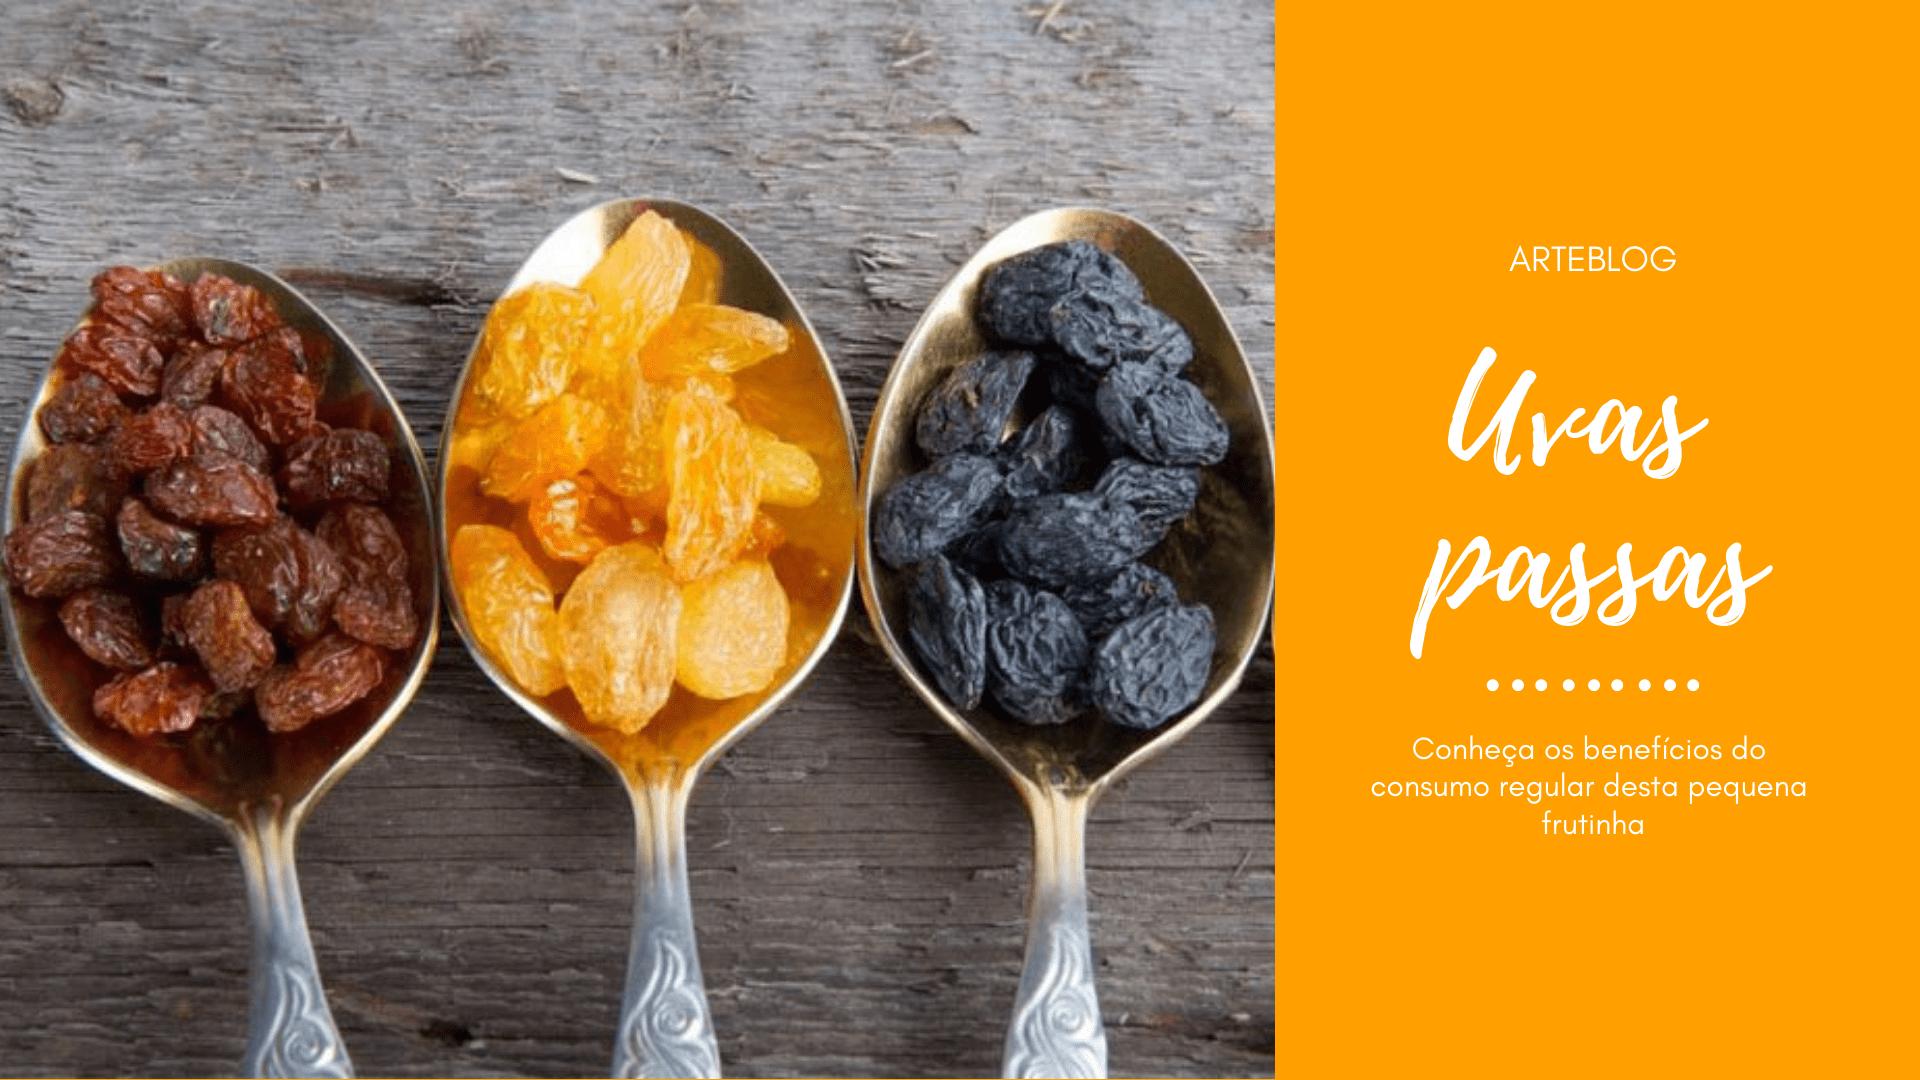 Agua De Uva Passa Para Emagrecer comidas natalinas: benefícios da uva passa - arteblog